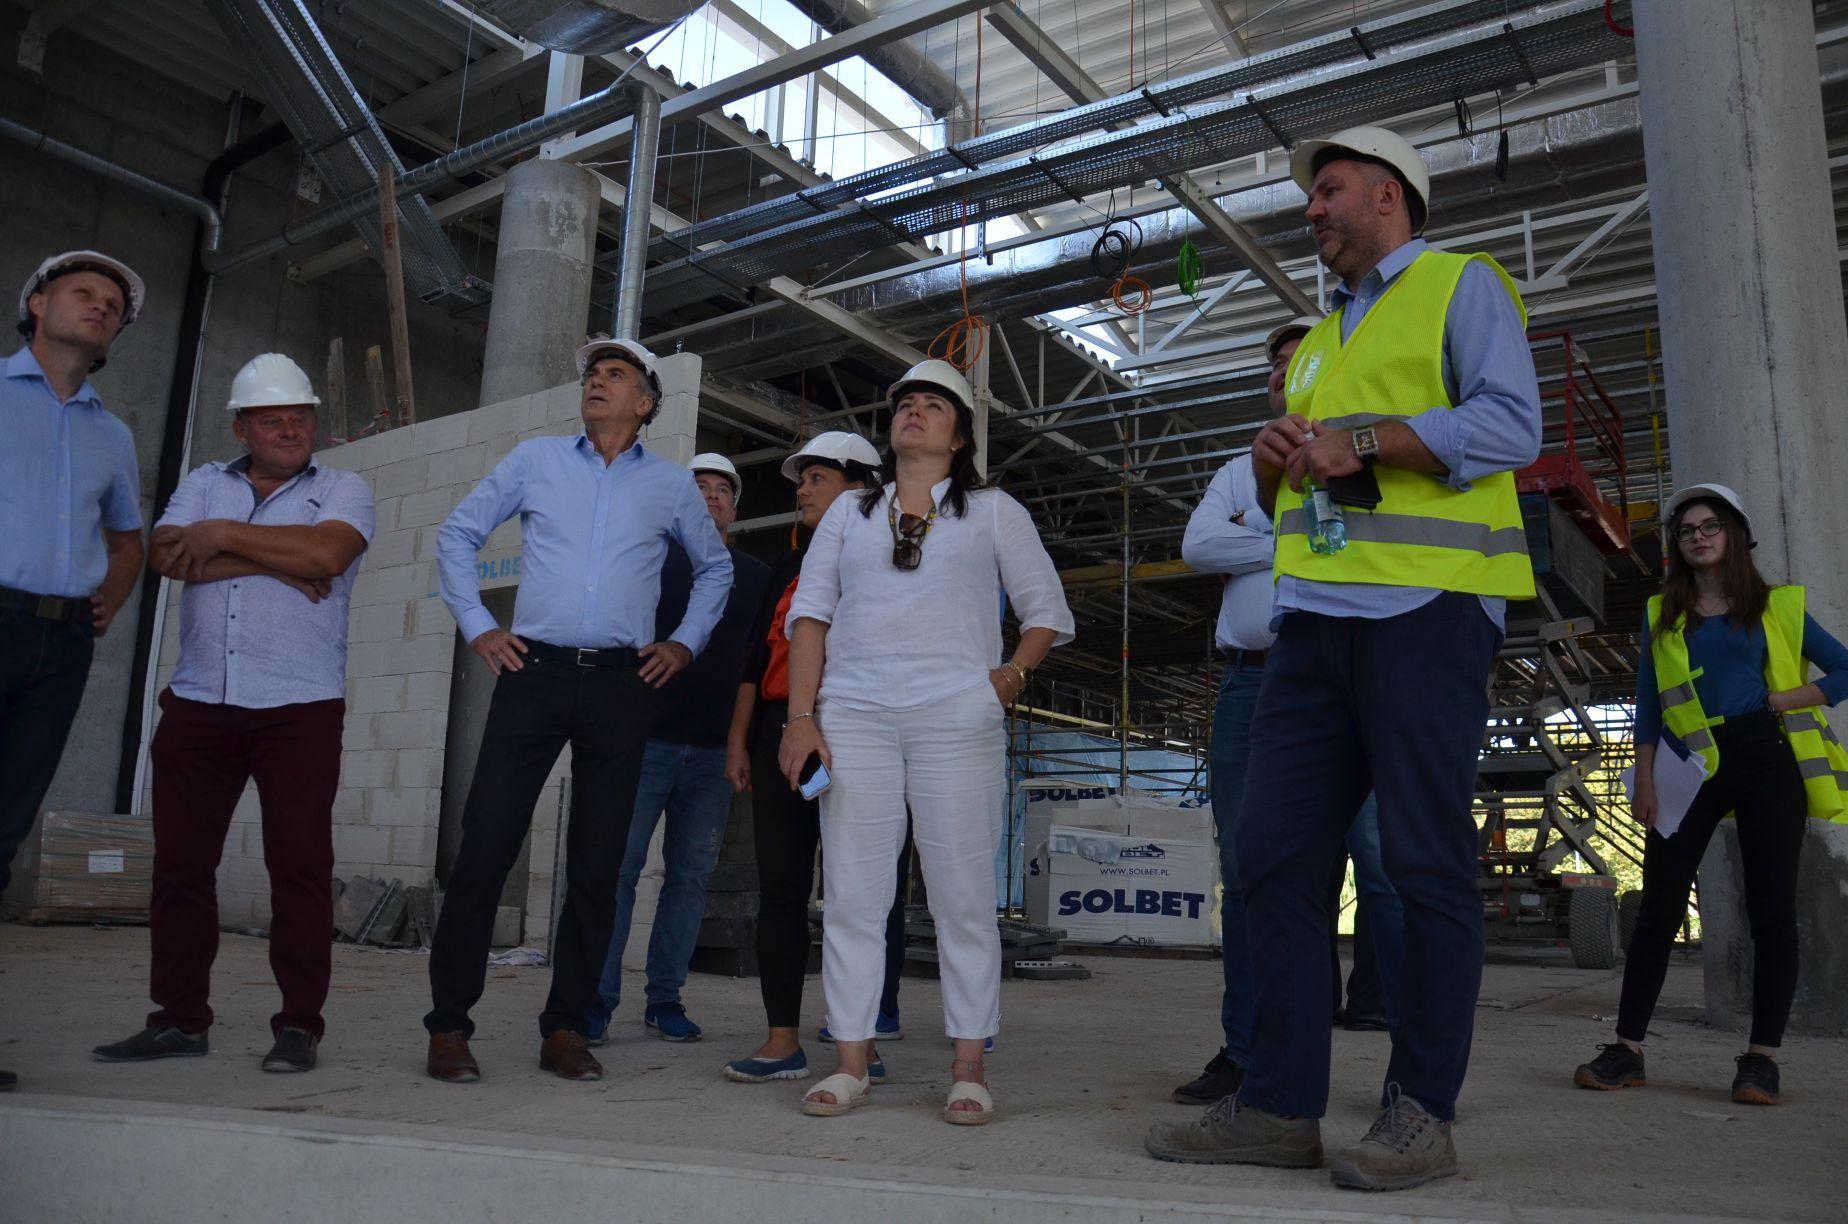 Hala sportowa w Mielcu coraz bliżej. Radni odwiedzili budowę [ZDJĘCIA] - Zdjęcie główne